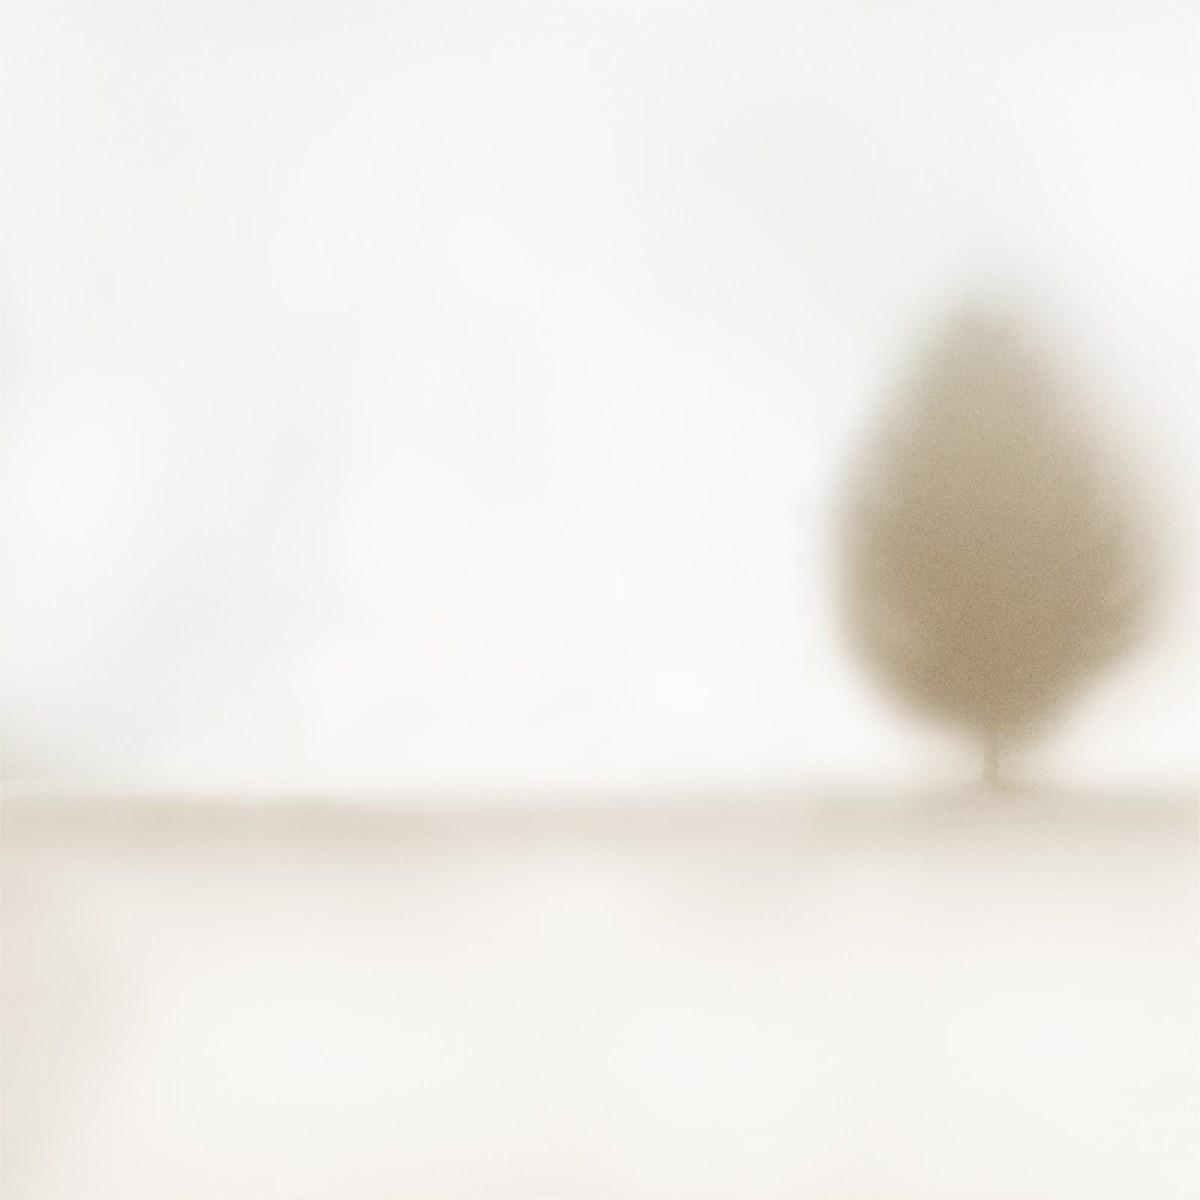 Le troisième ami #2 ©Julie_Beauchemin